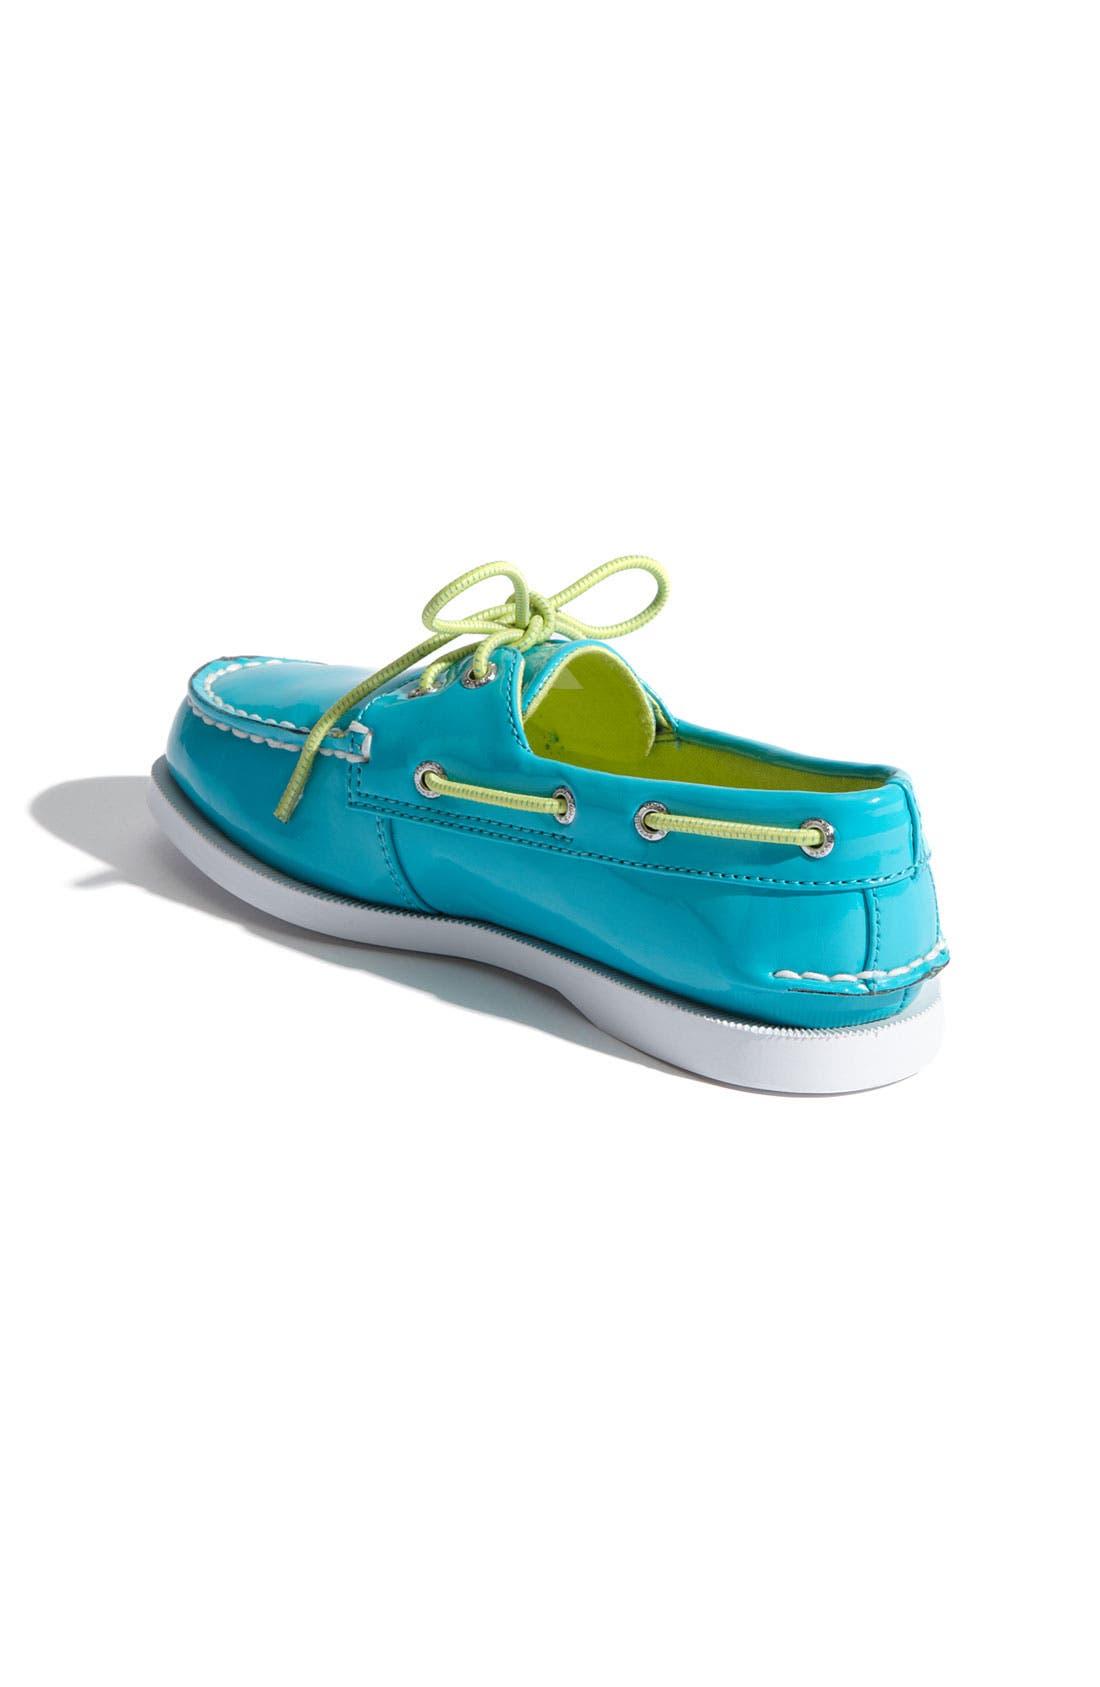 Alternate Image 2  - Sperry Top-Sider® 'Authentic Original' Boat Shoe (Walker, Toddler, Little Kid & Big Kid)